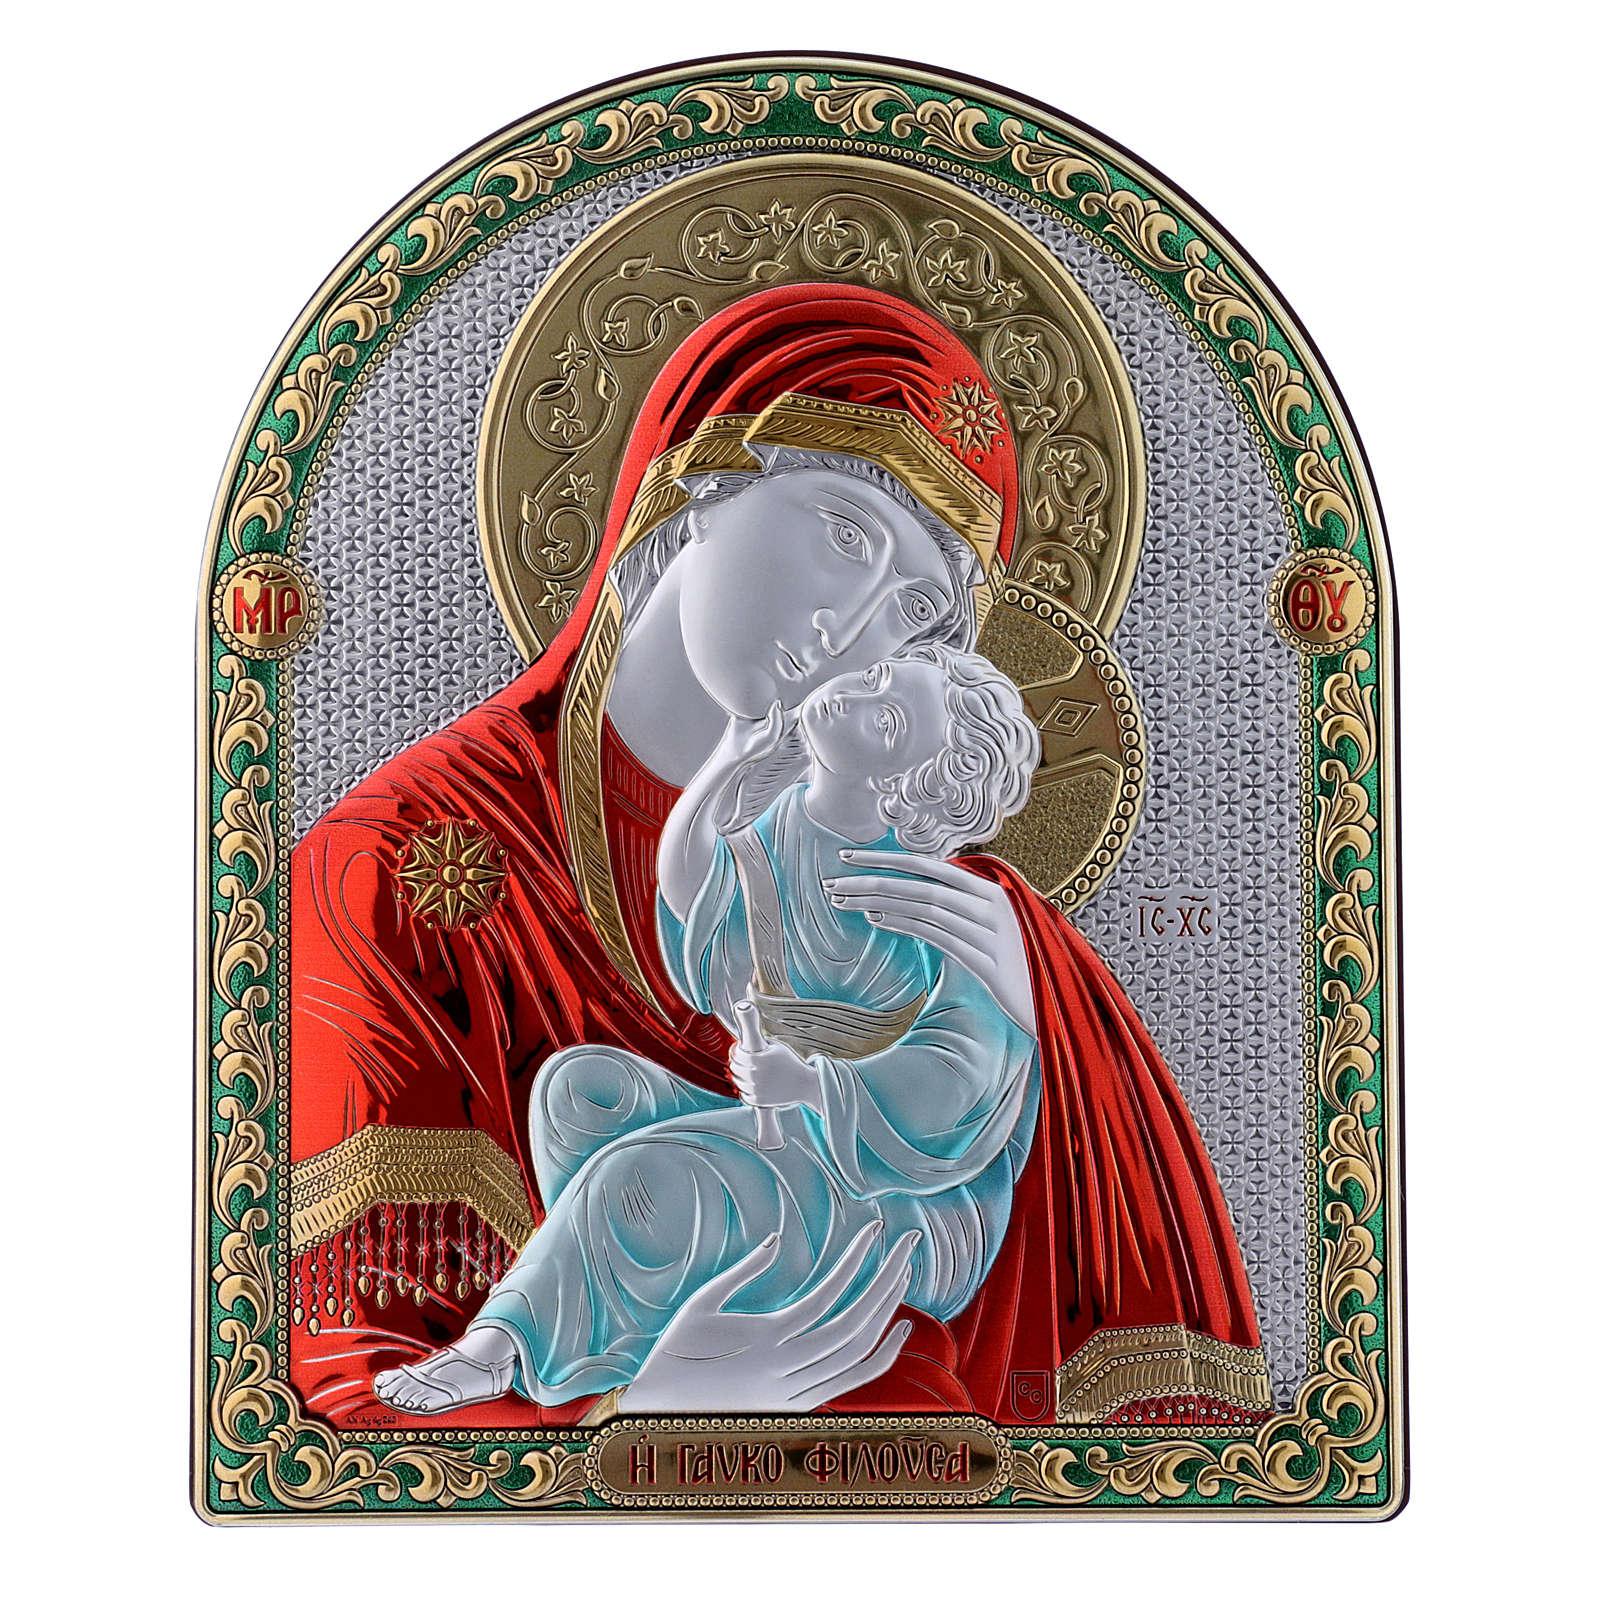 Obraz Madonna Włodziemierska czerwone szaty bilaminat złote wyk. tył prestiżowe drewno 24,5x20 cm 4